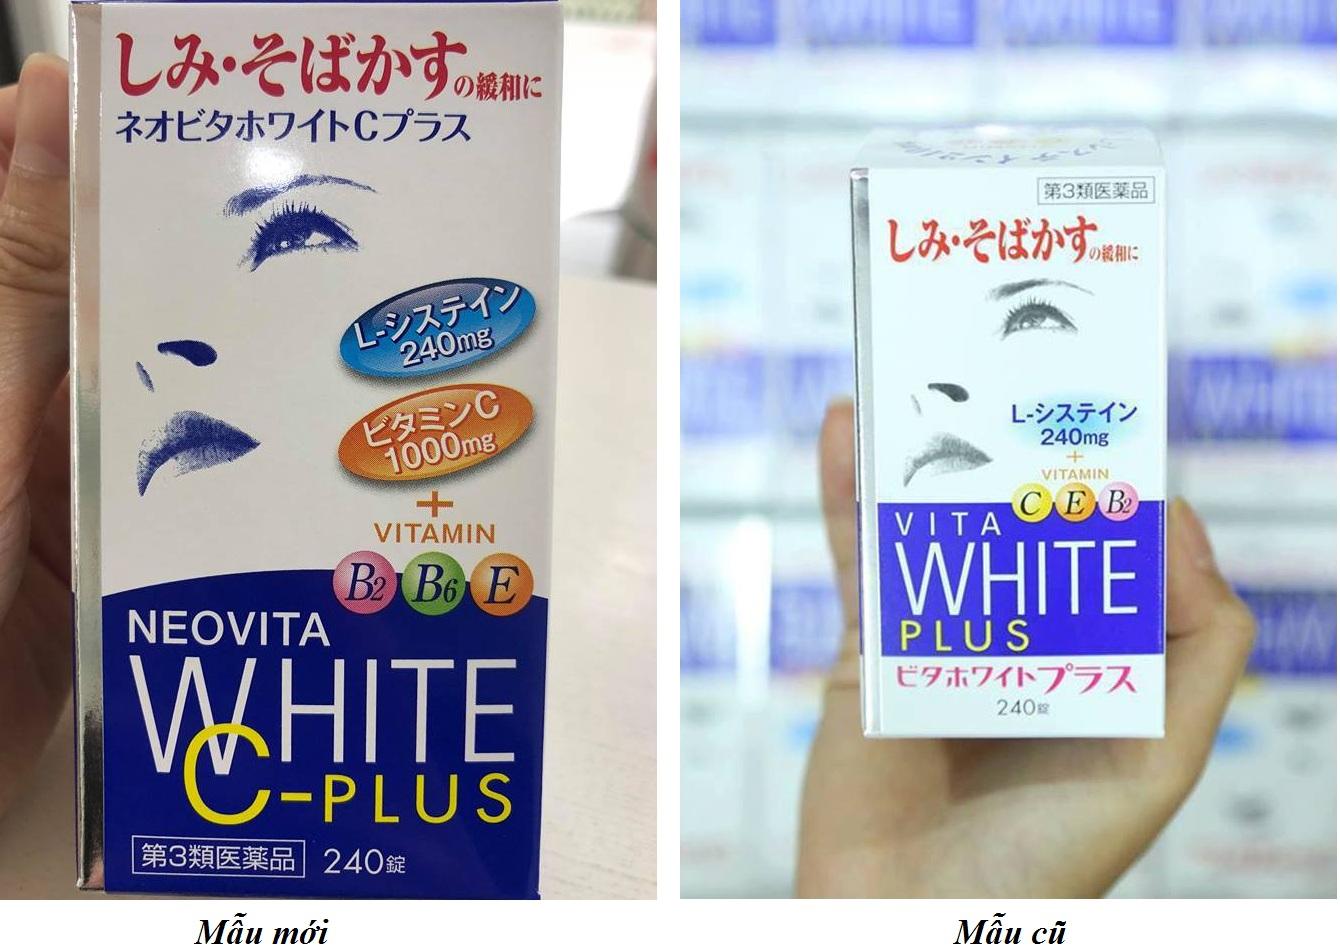 Hướng Dẫn Sử Dụng Viên Uống Vita White Plus Đúng Cách